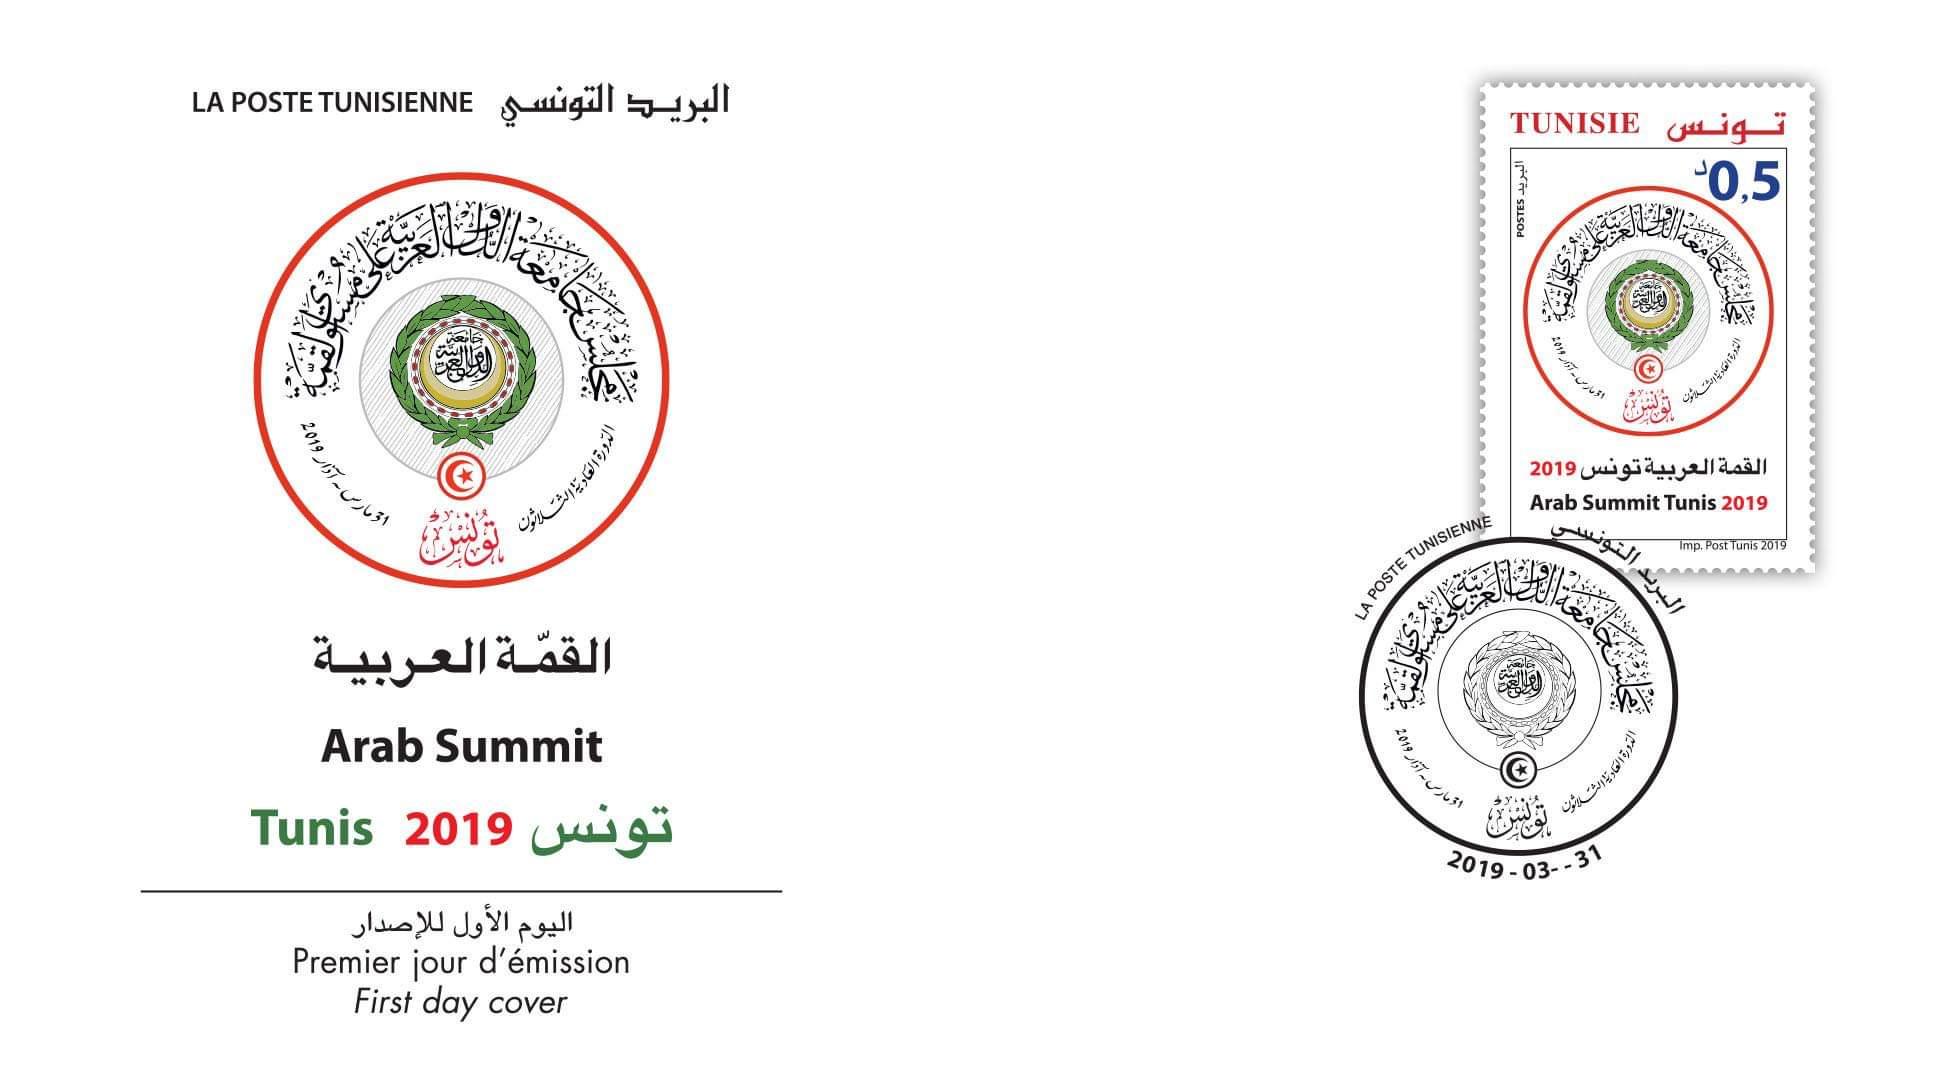 إصدار طابع بريدي بمناسبة  احتضان تونس للقمّة العربية 2019: